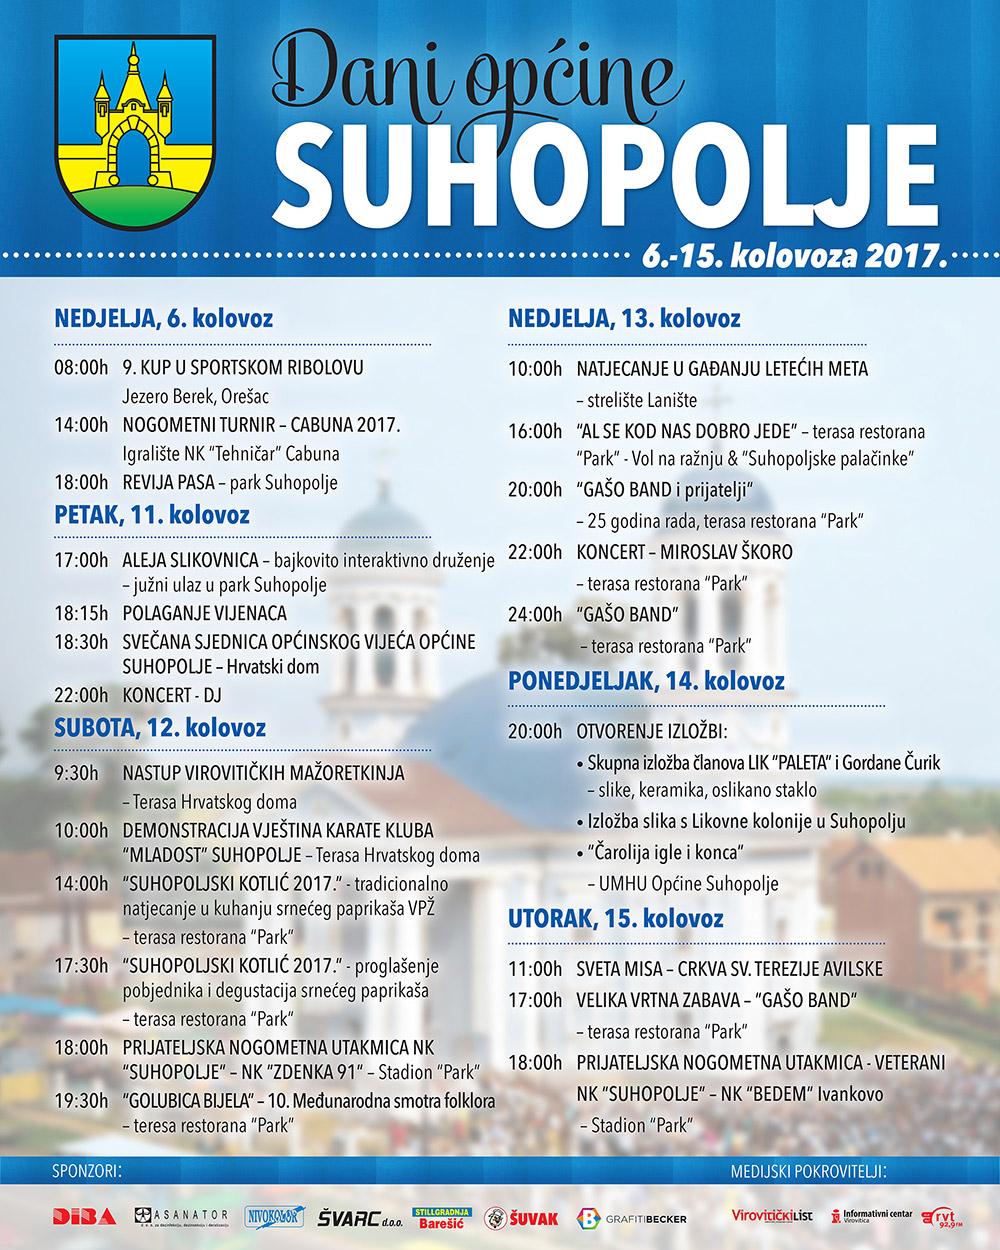 Dani općine Suhopolje 2017.